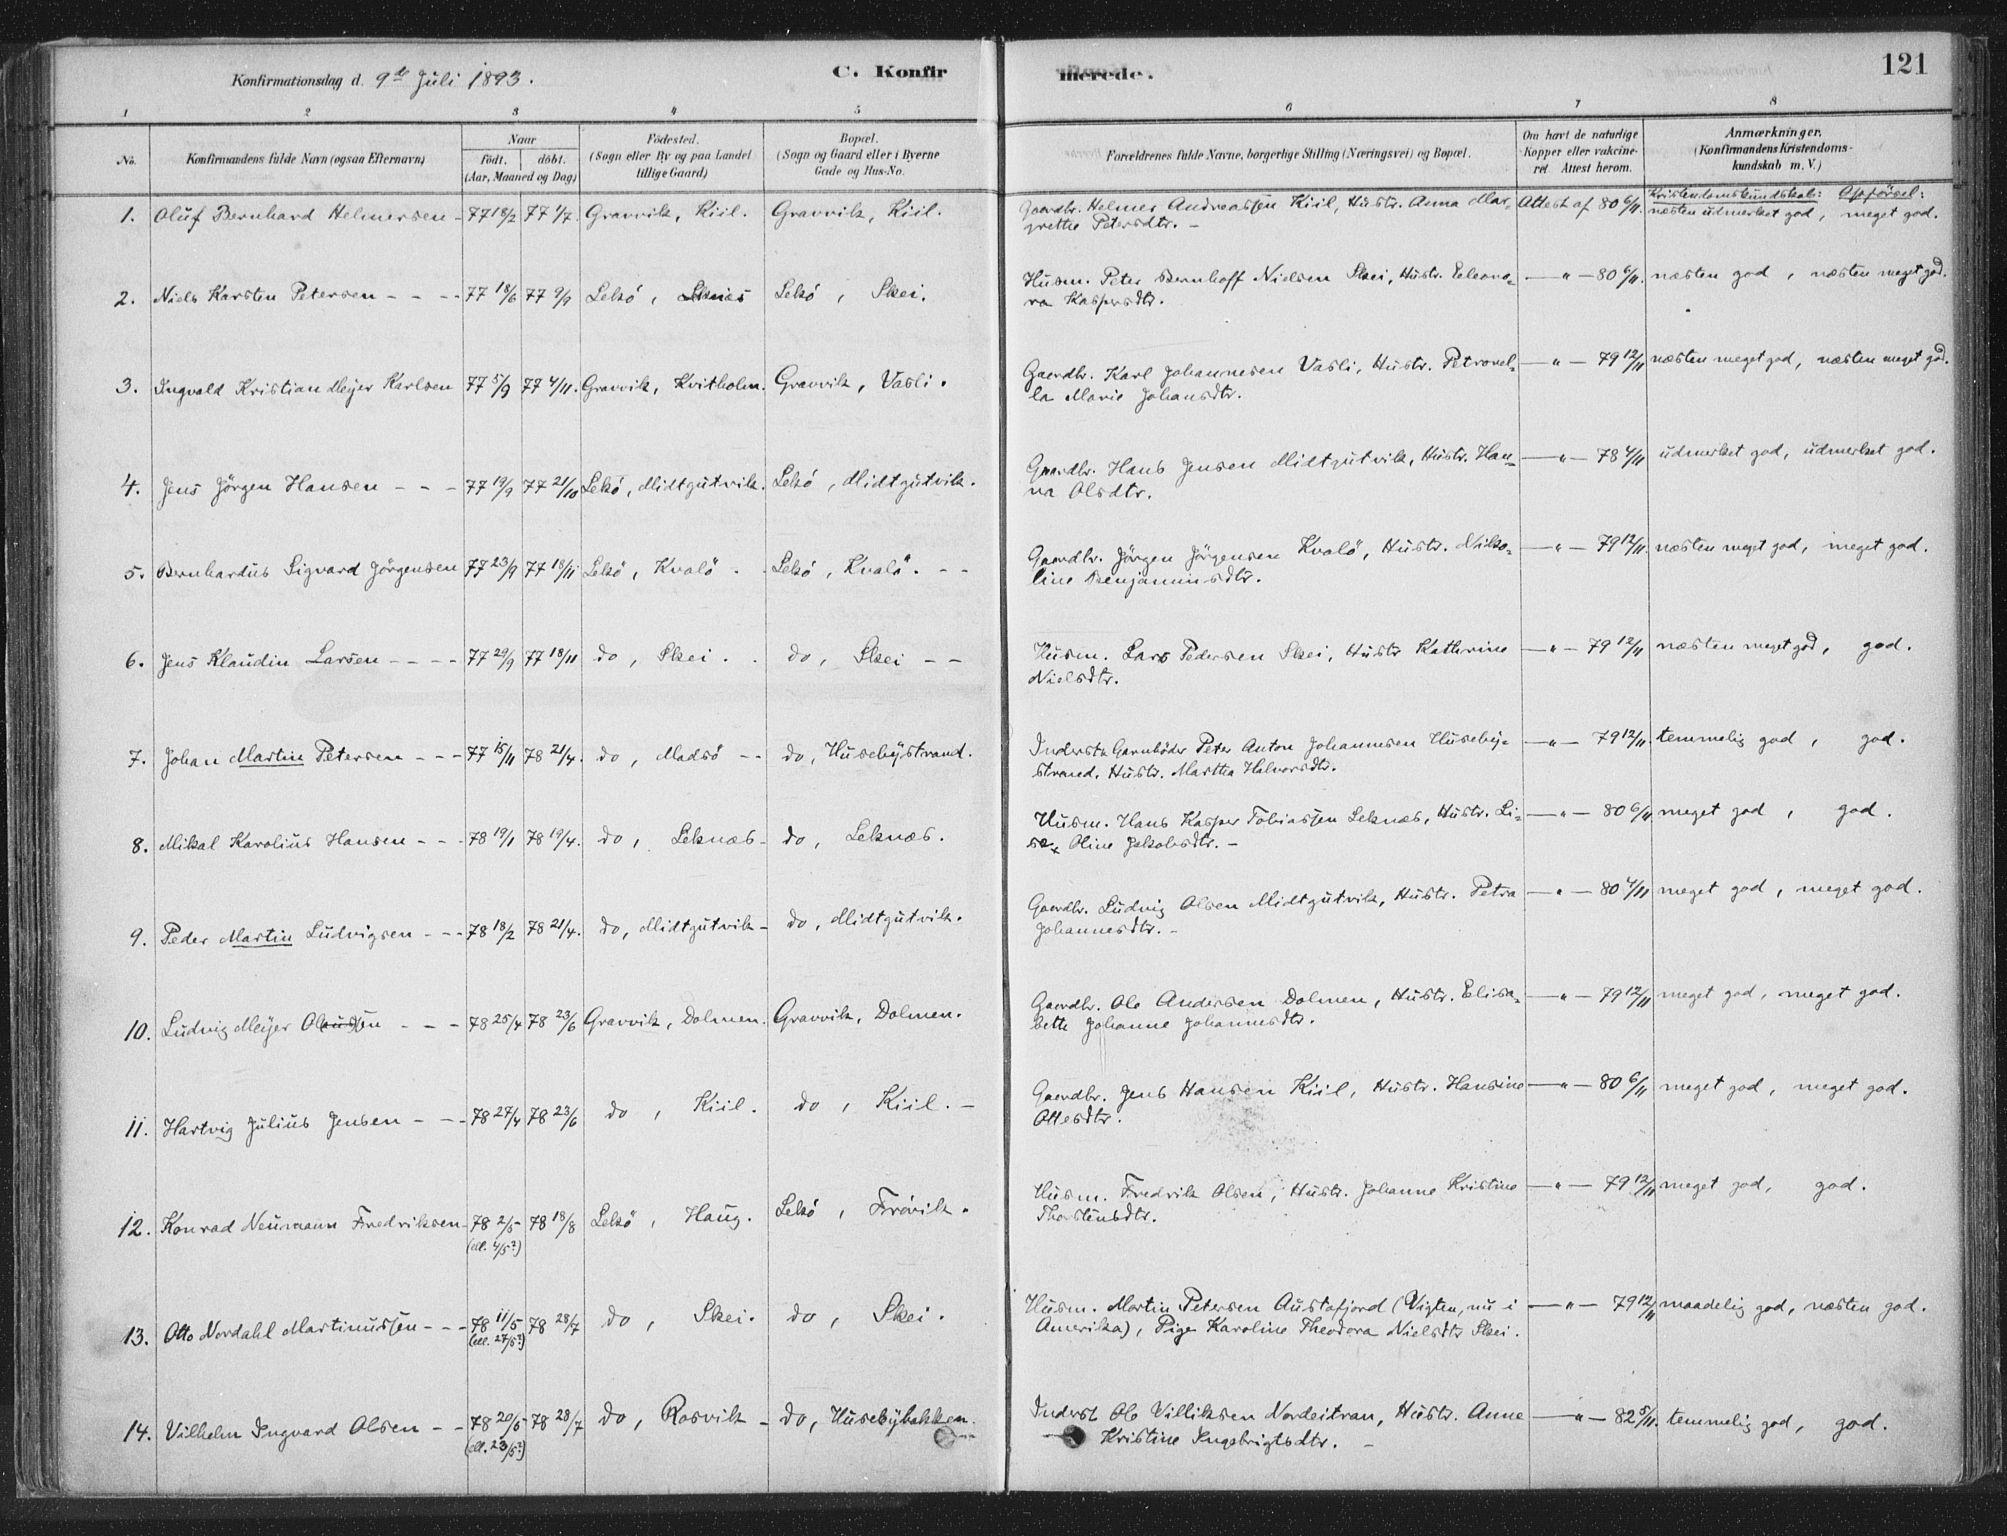 SAT, Ministerialprotokoller, klokkerbøker og fødselsregistre - Nord-Trøndelag, 788/L0697: Ministerialbok nr. 788A04, 1878-1902, s. 121